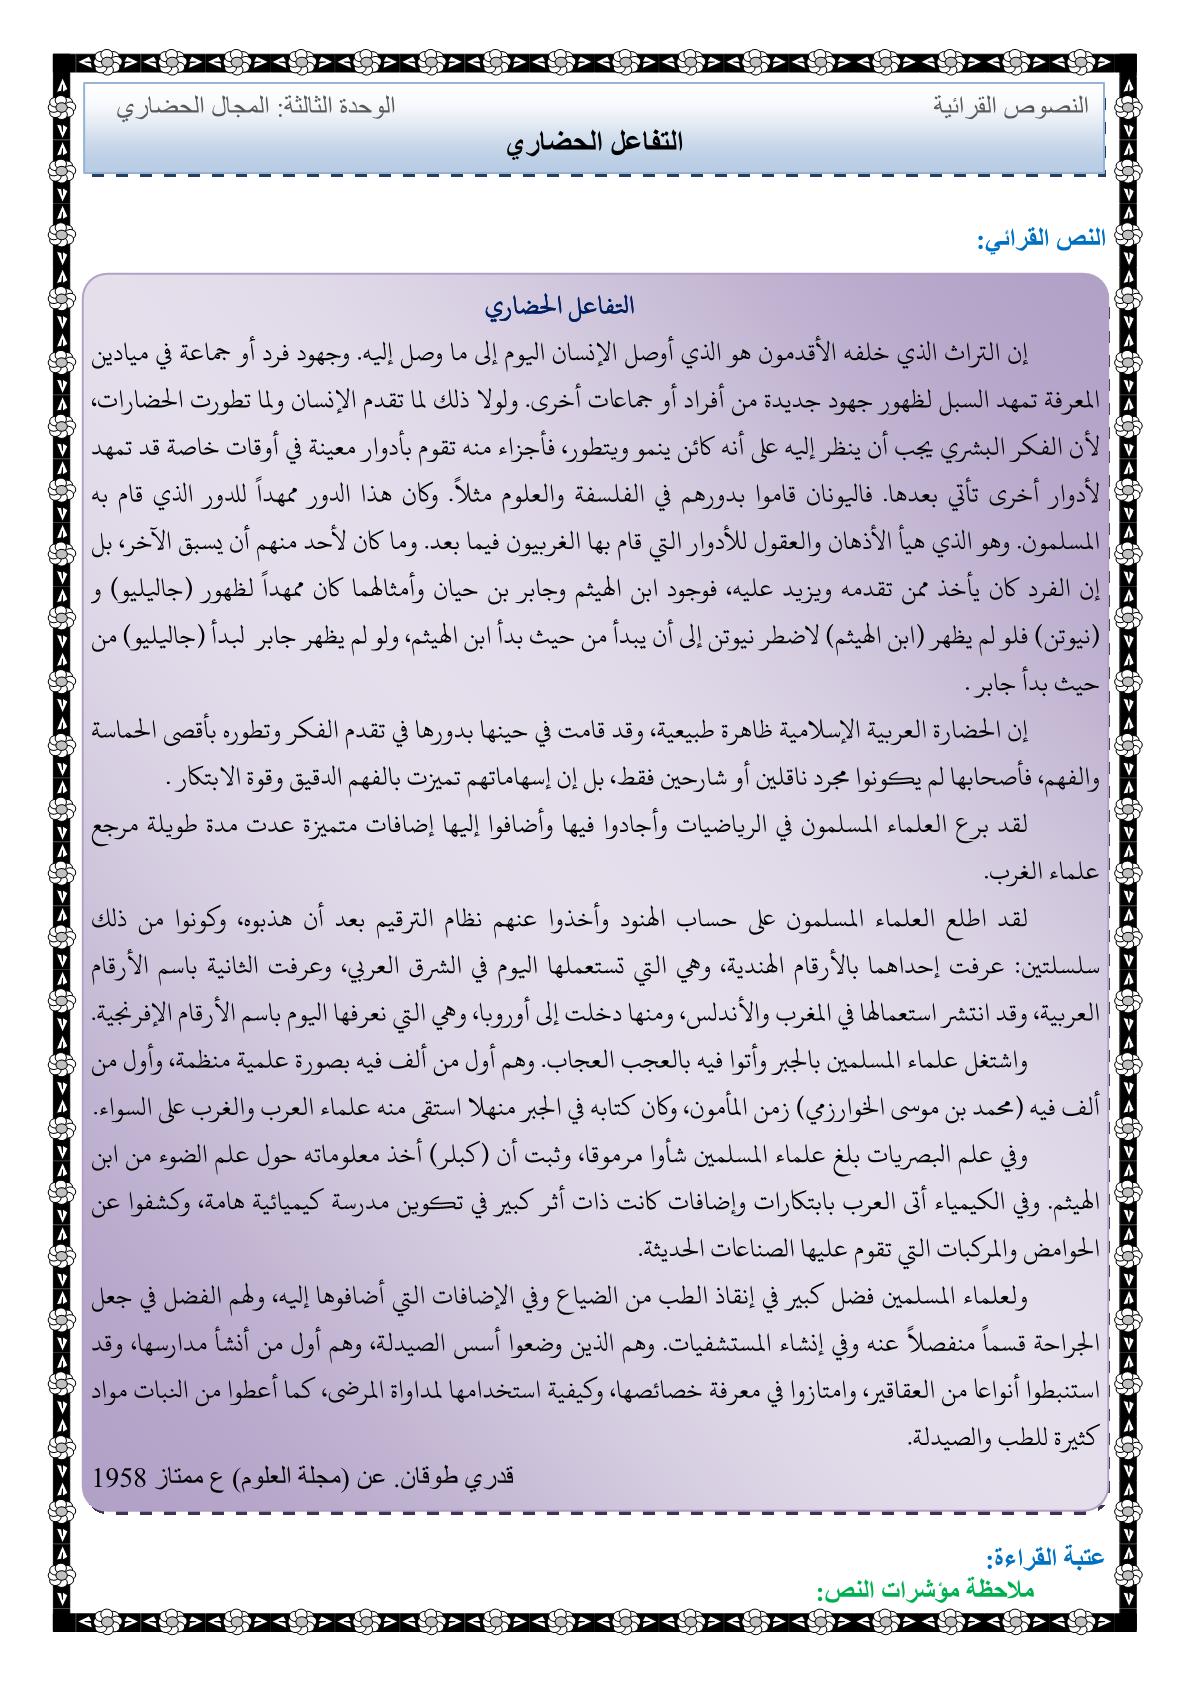 درس التفاعل الحضاري بمادة اللغة العربية للسنة الثانية اعدادي